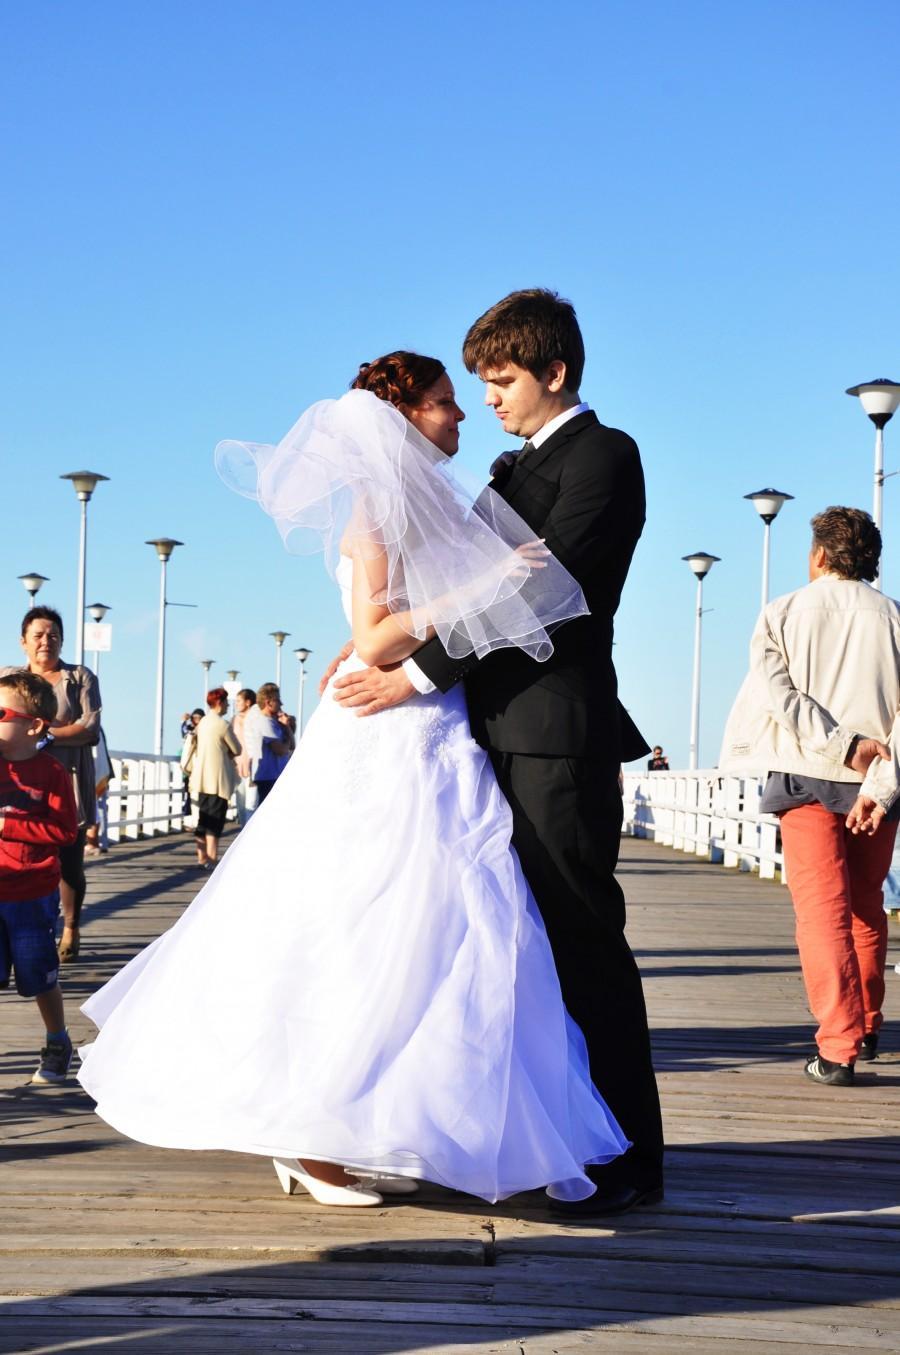 Mariage - Frinds wedding